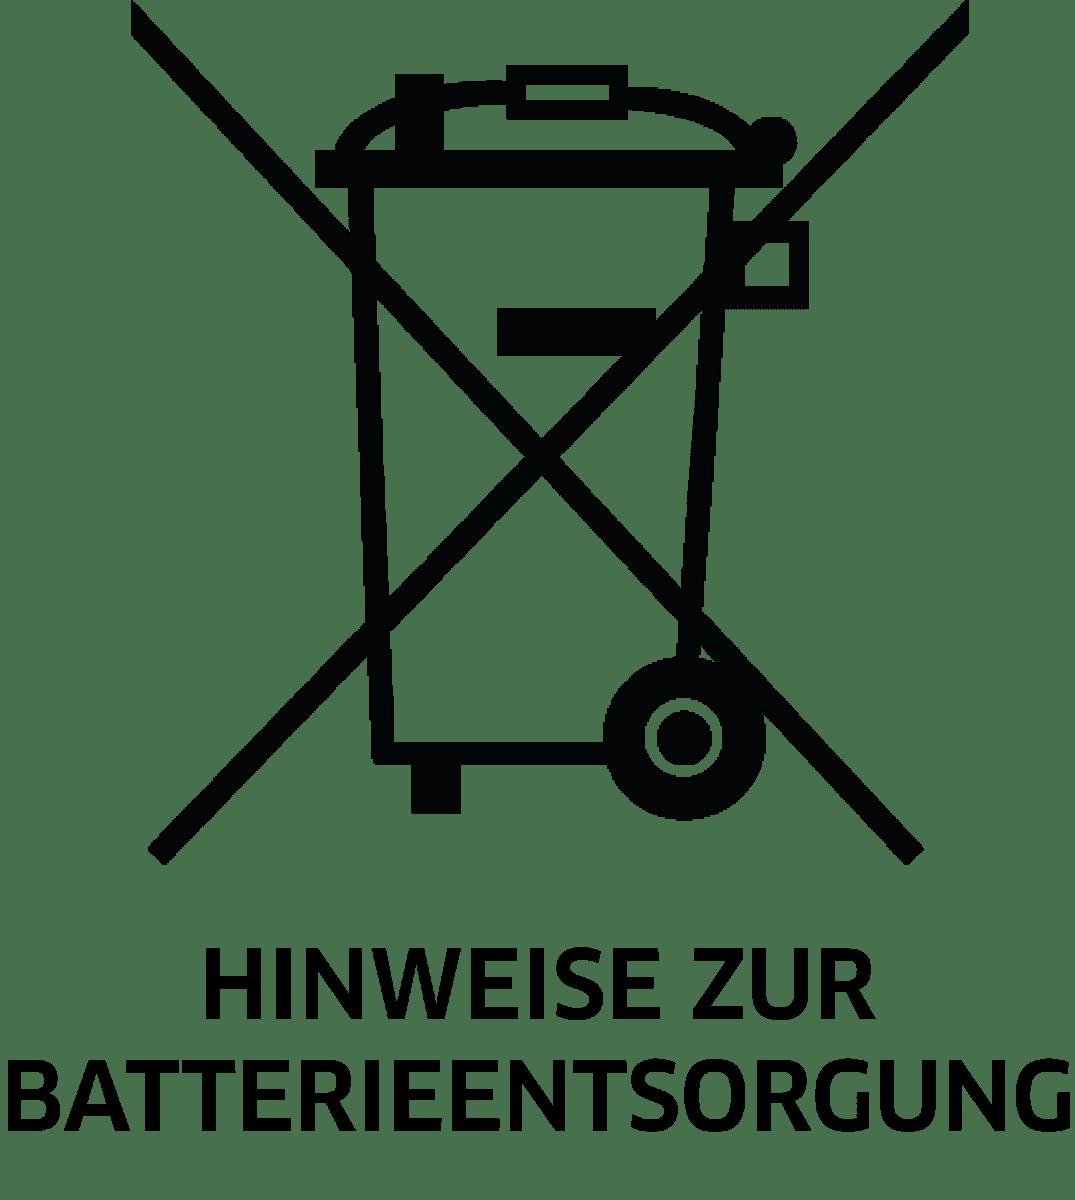 Hinweise zur Batterieentsorgung